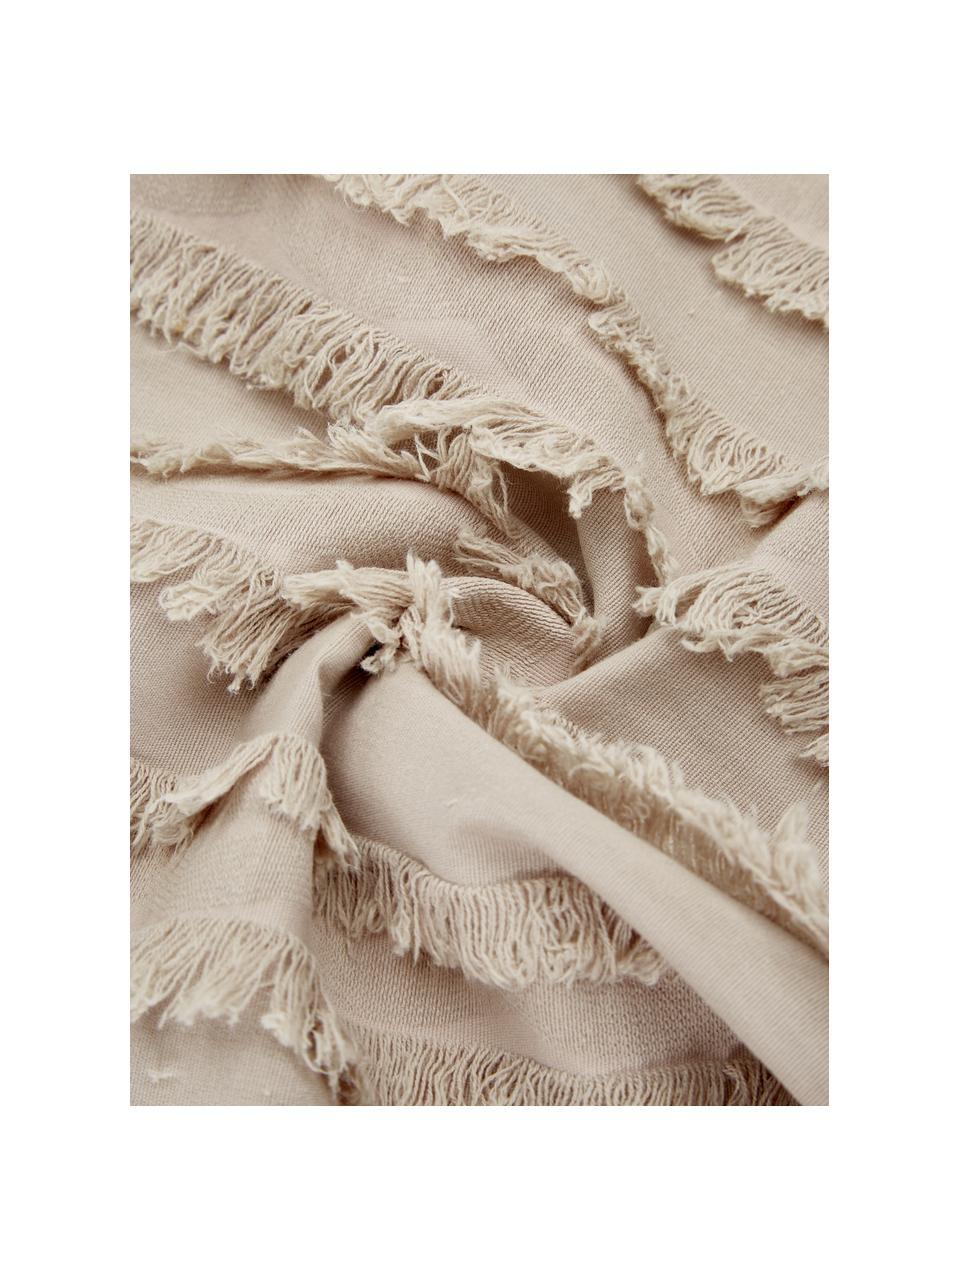 Federa arredo beige con frange decorative Jessie, 88% cotone, 7% viscosa, 5% lino, Beige, Larg. 45 x Lung. 45 cm